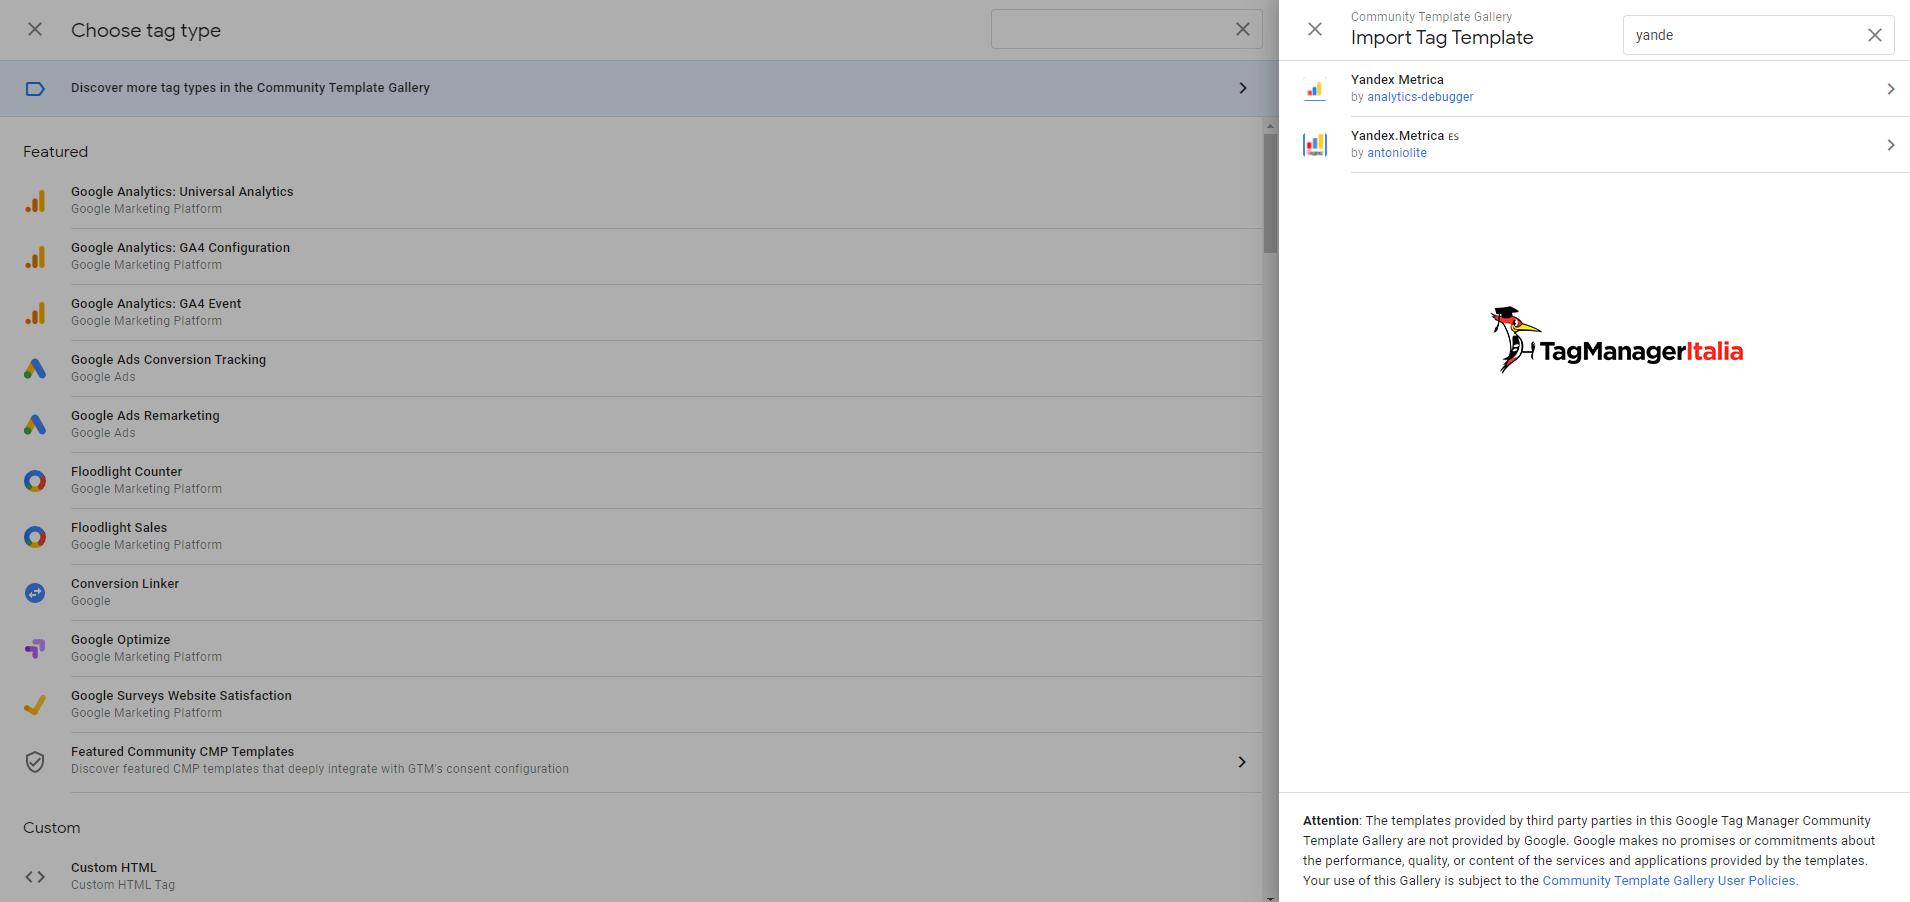 modello yandex in google tag manager